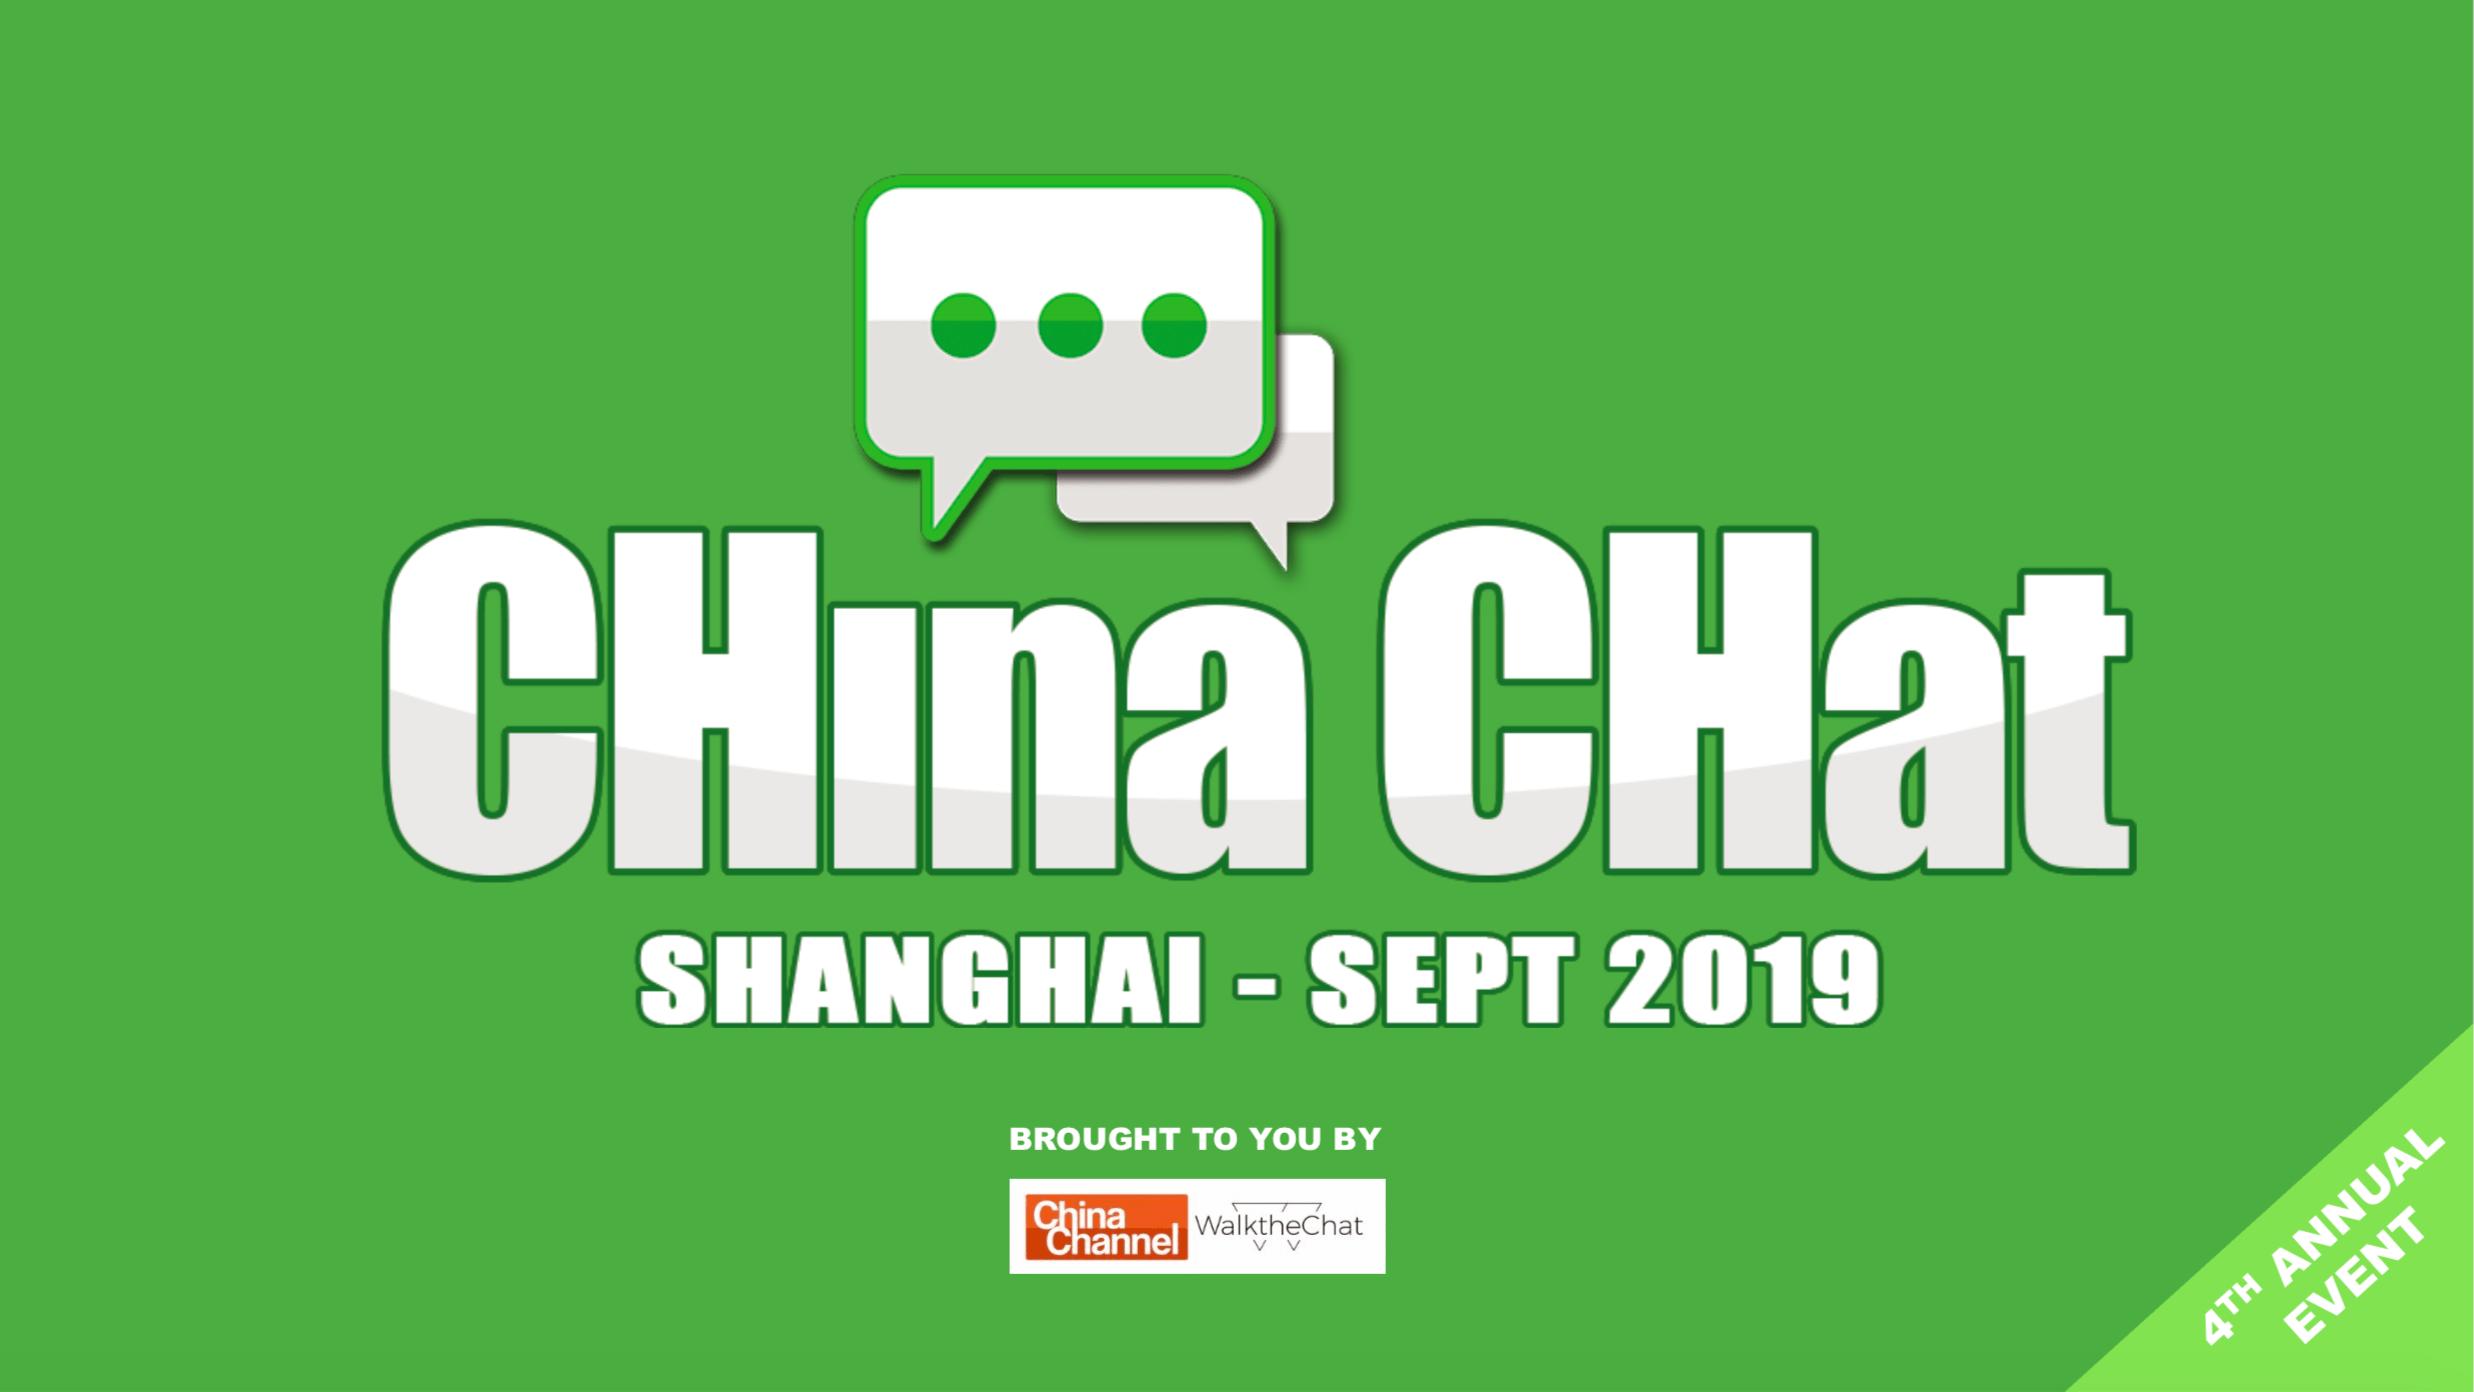 Chin chat